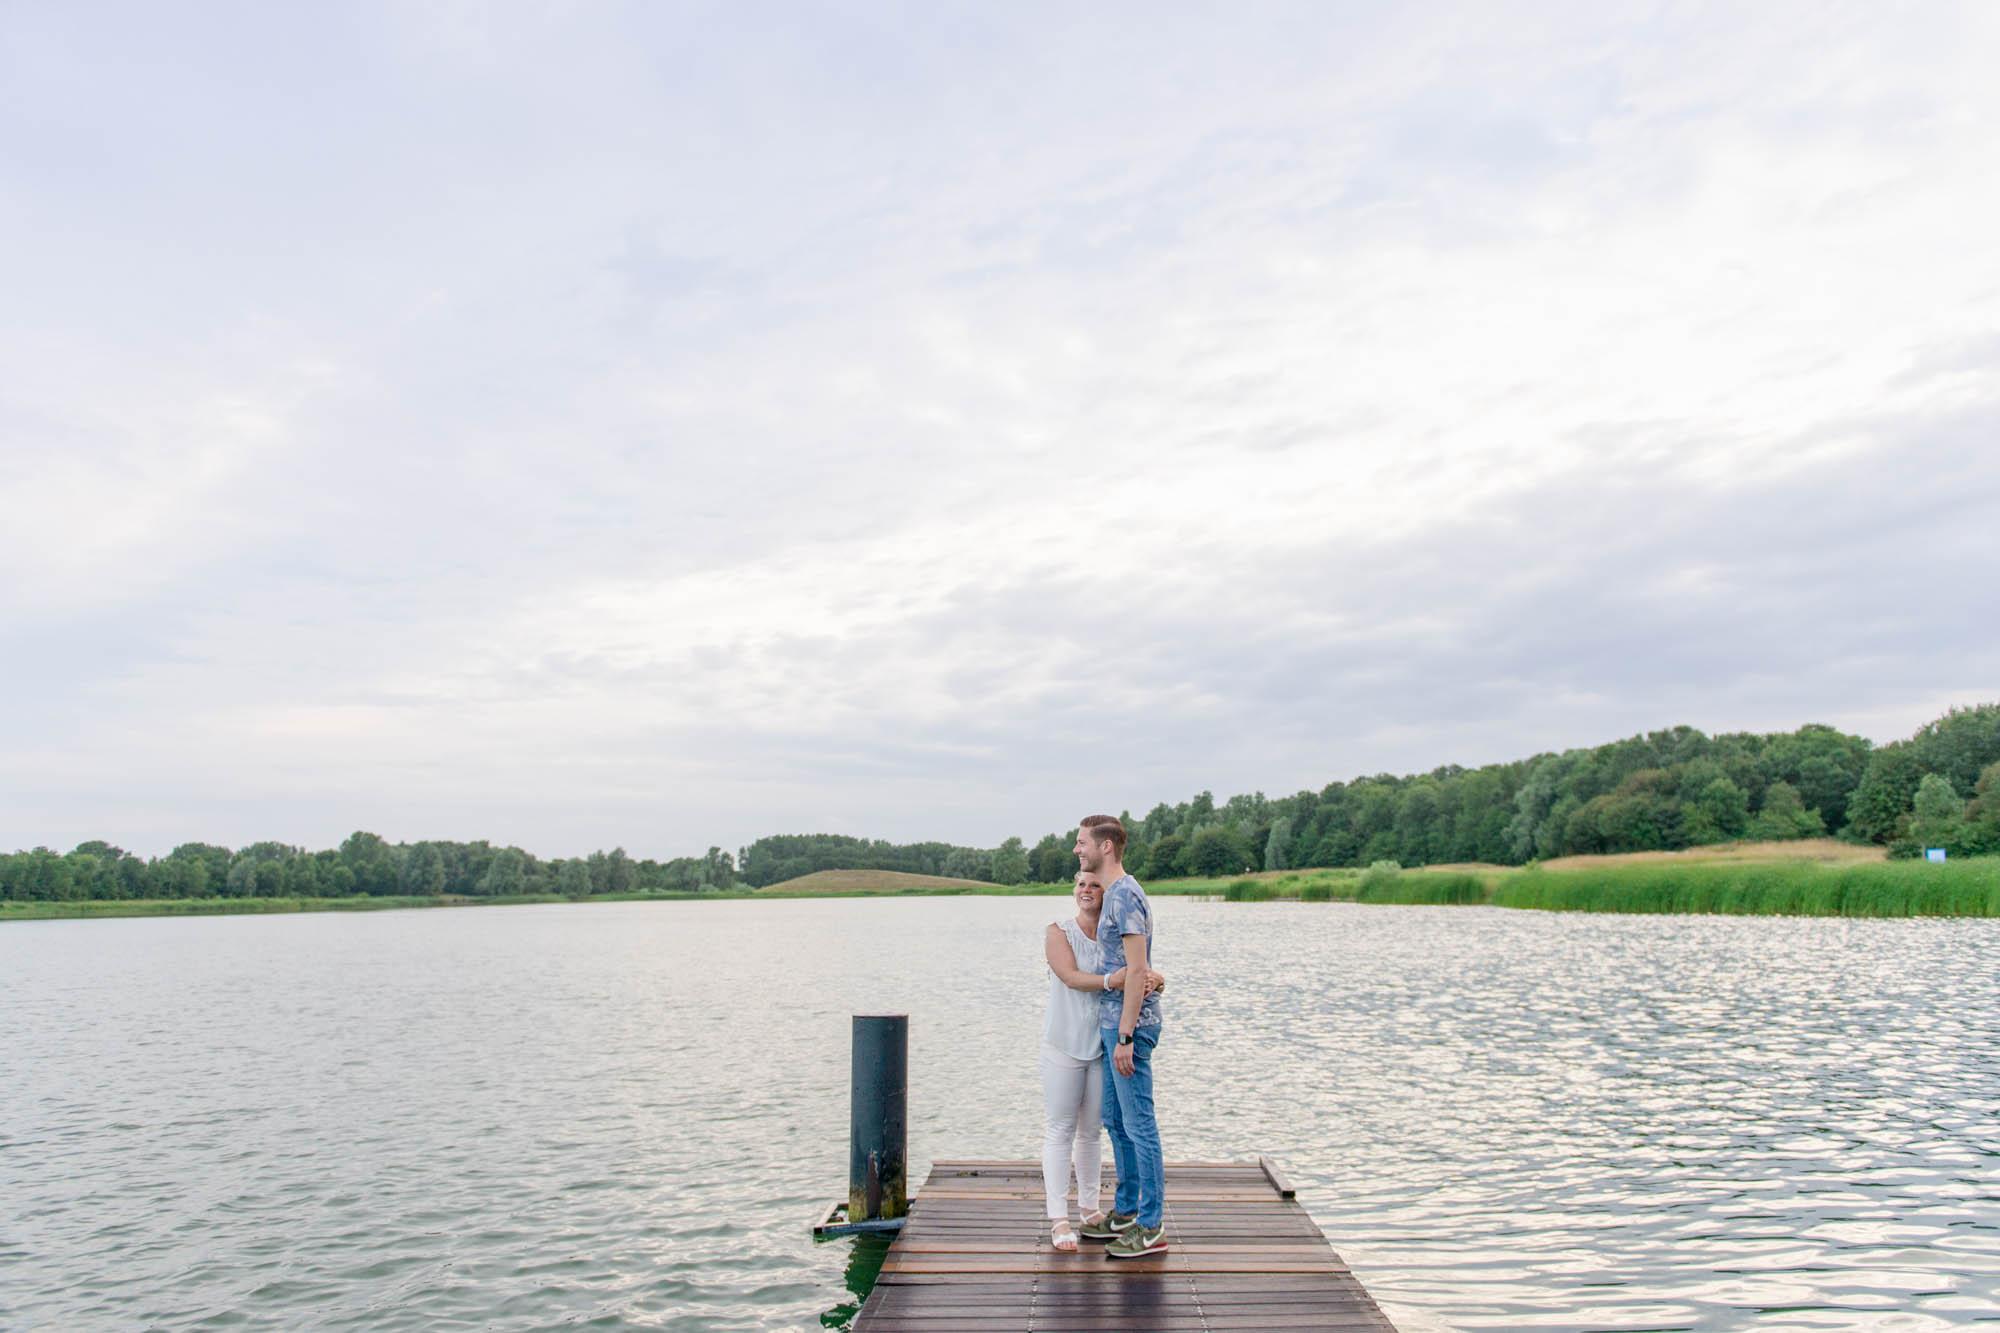 Loveshoot-Geestmerambacht-Alkmaar-Jeff-en-Esmee-155